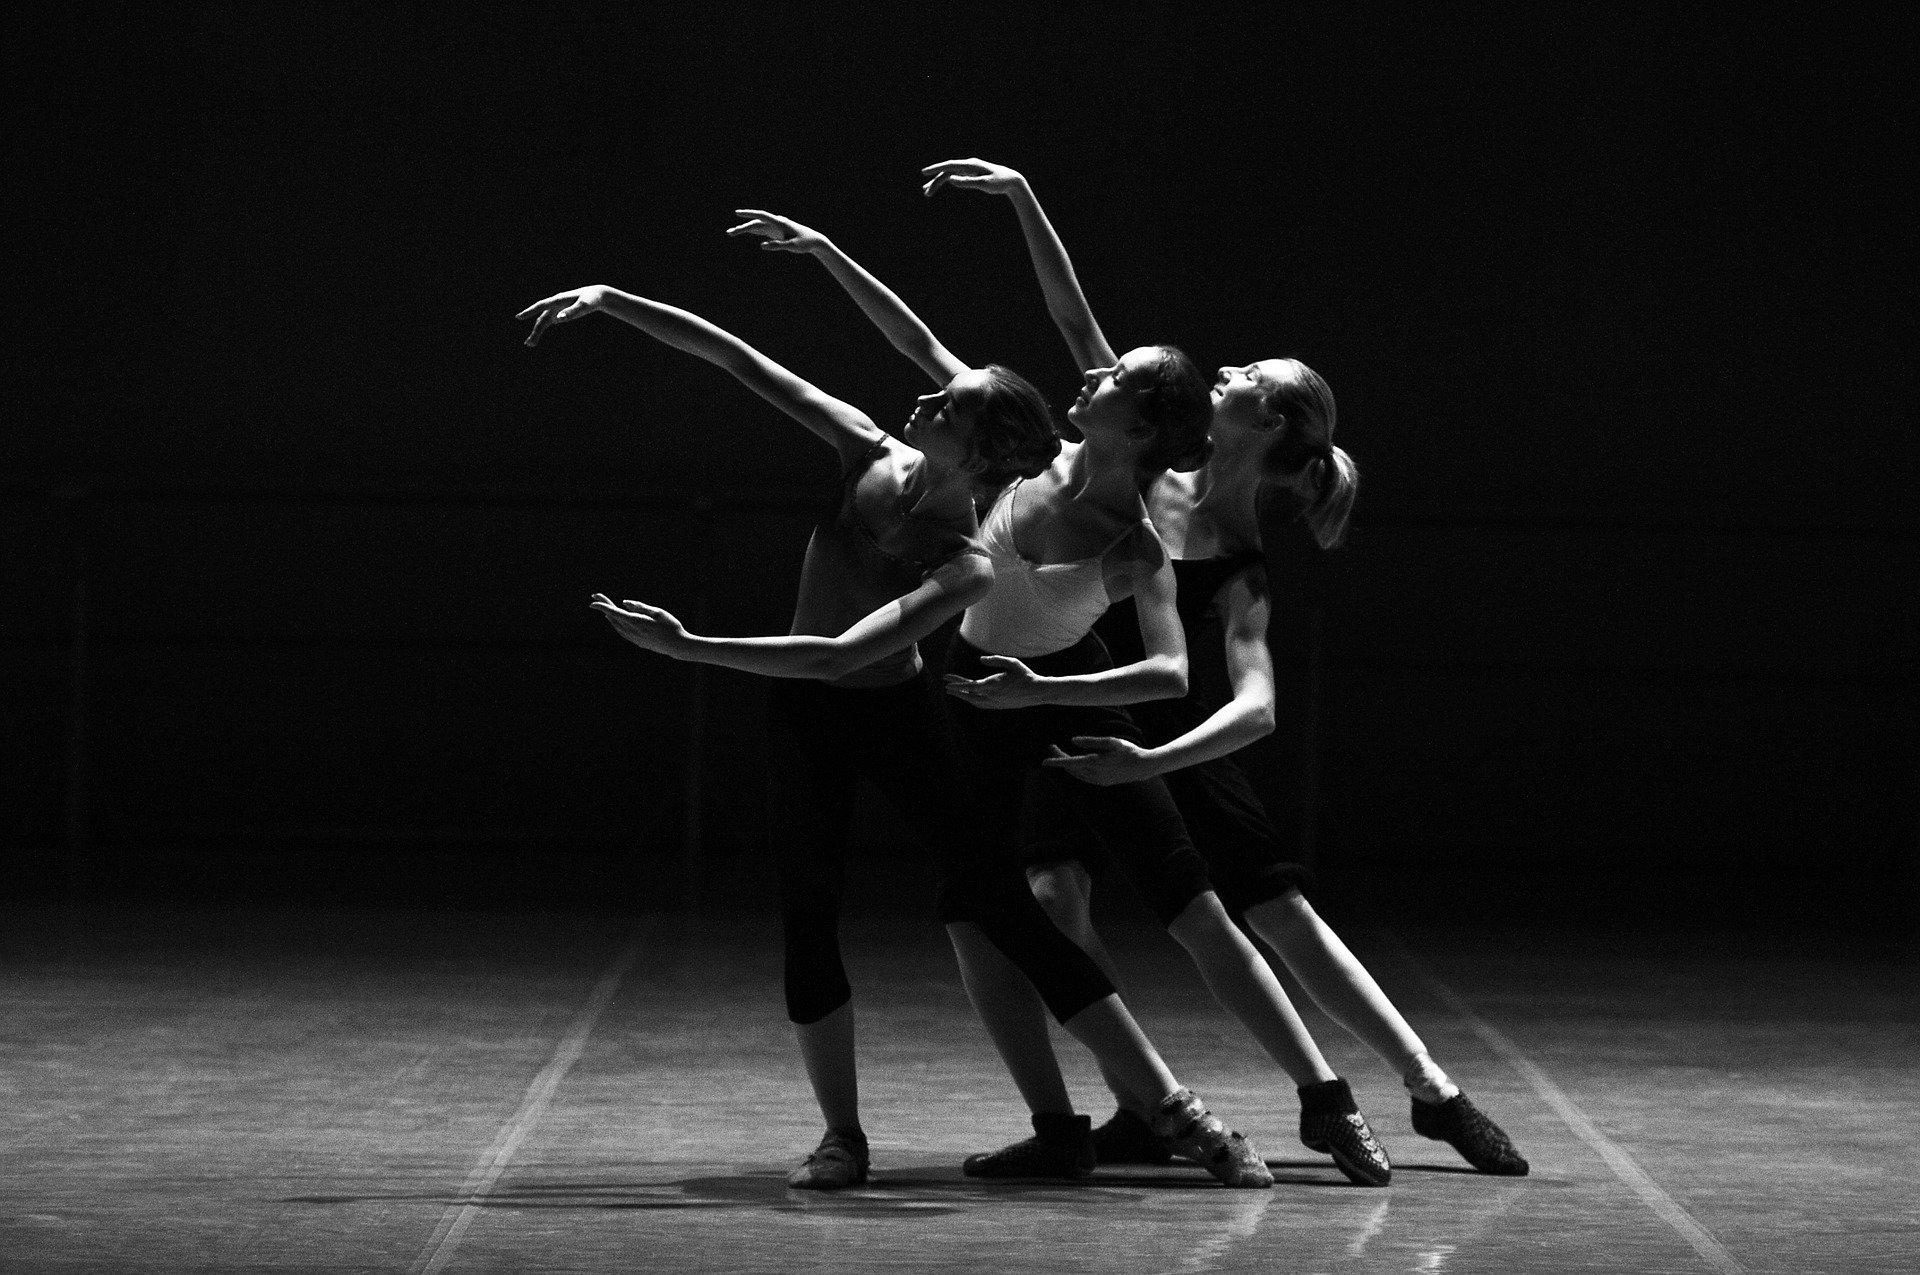 Encuentros en la Buena Dirección: Con Miguel Ángel Berna, bailarín fundador de Danza Viva